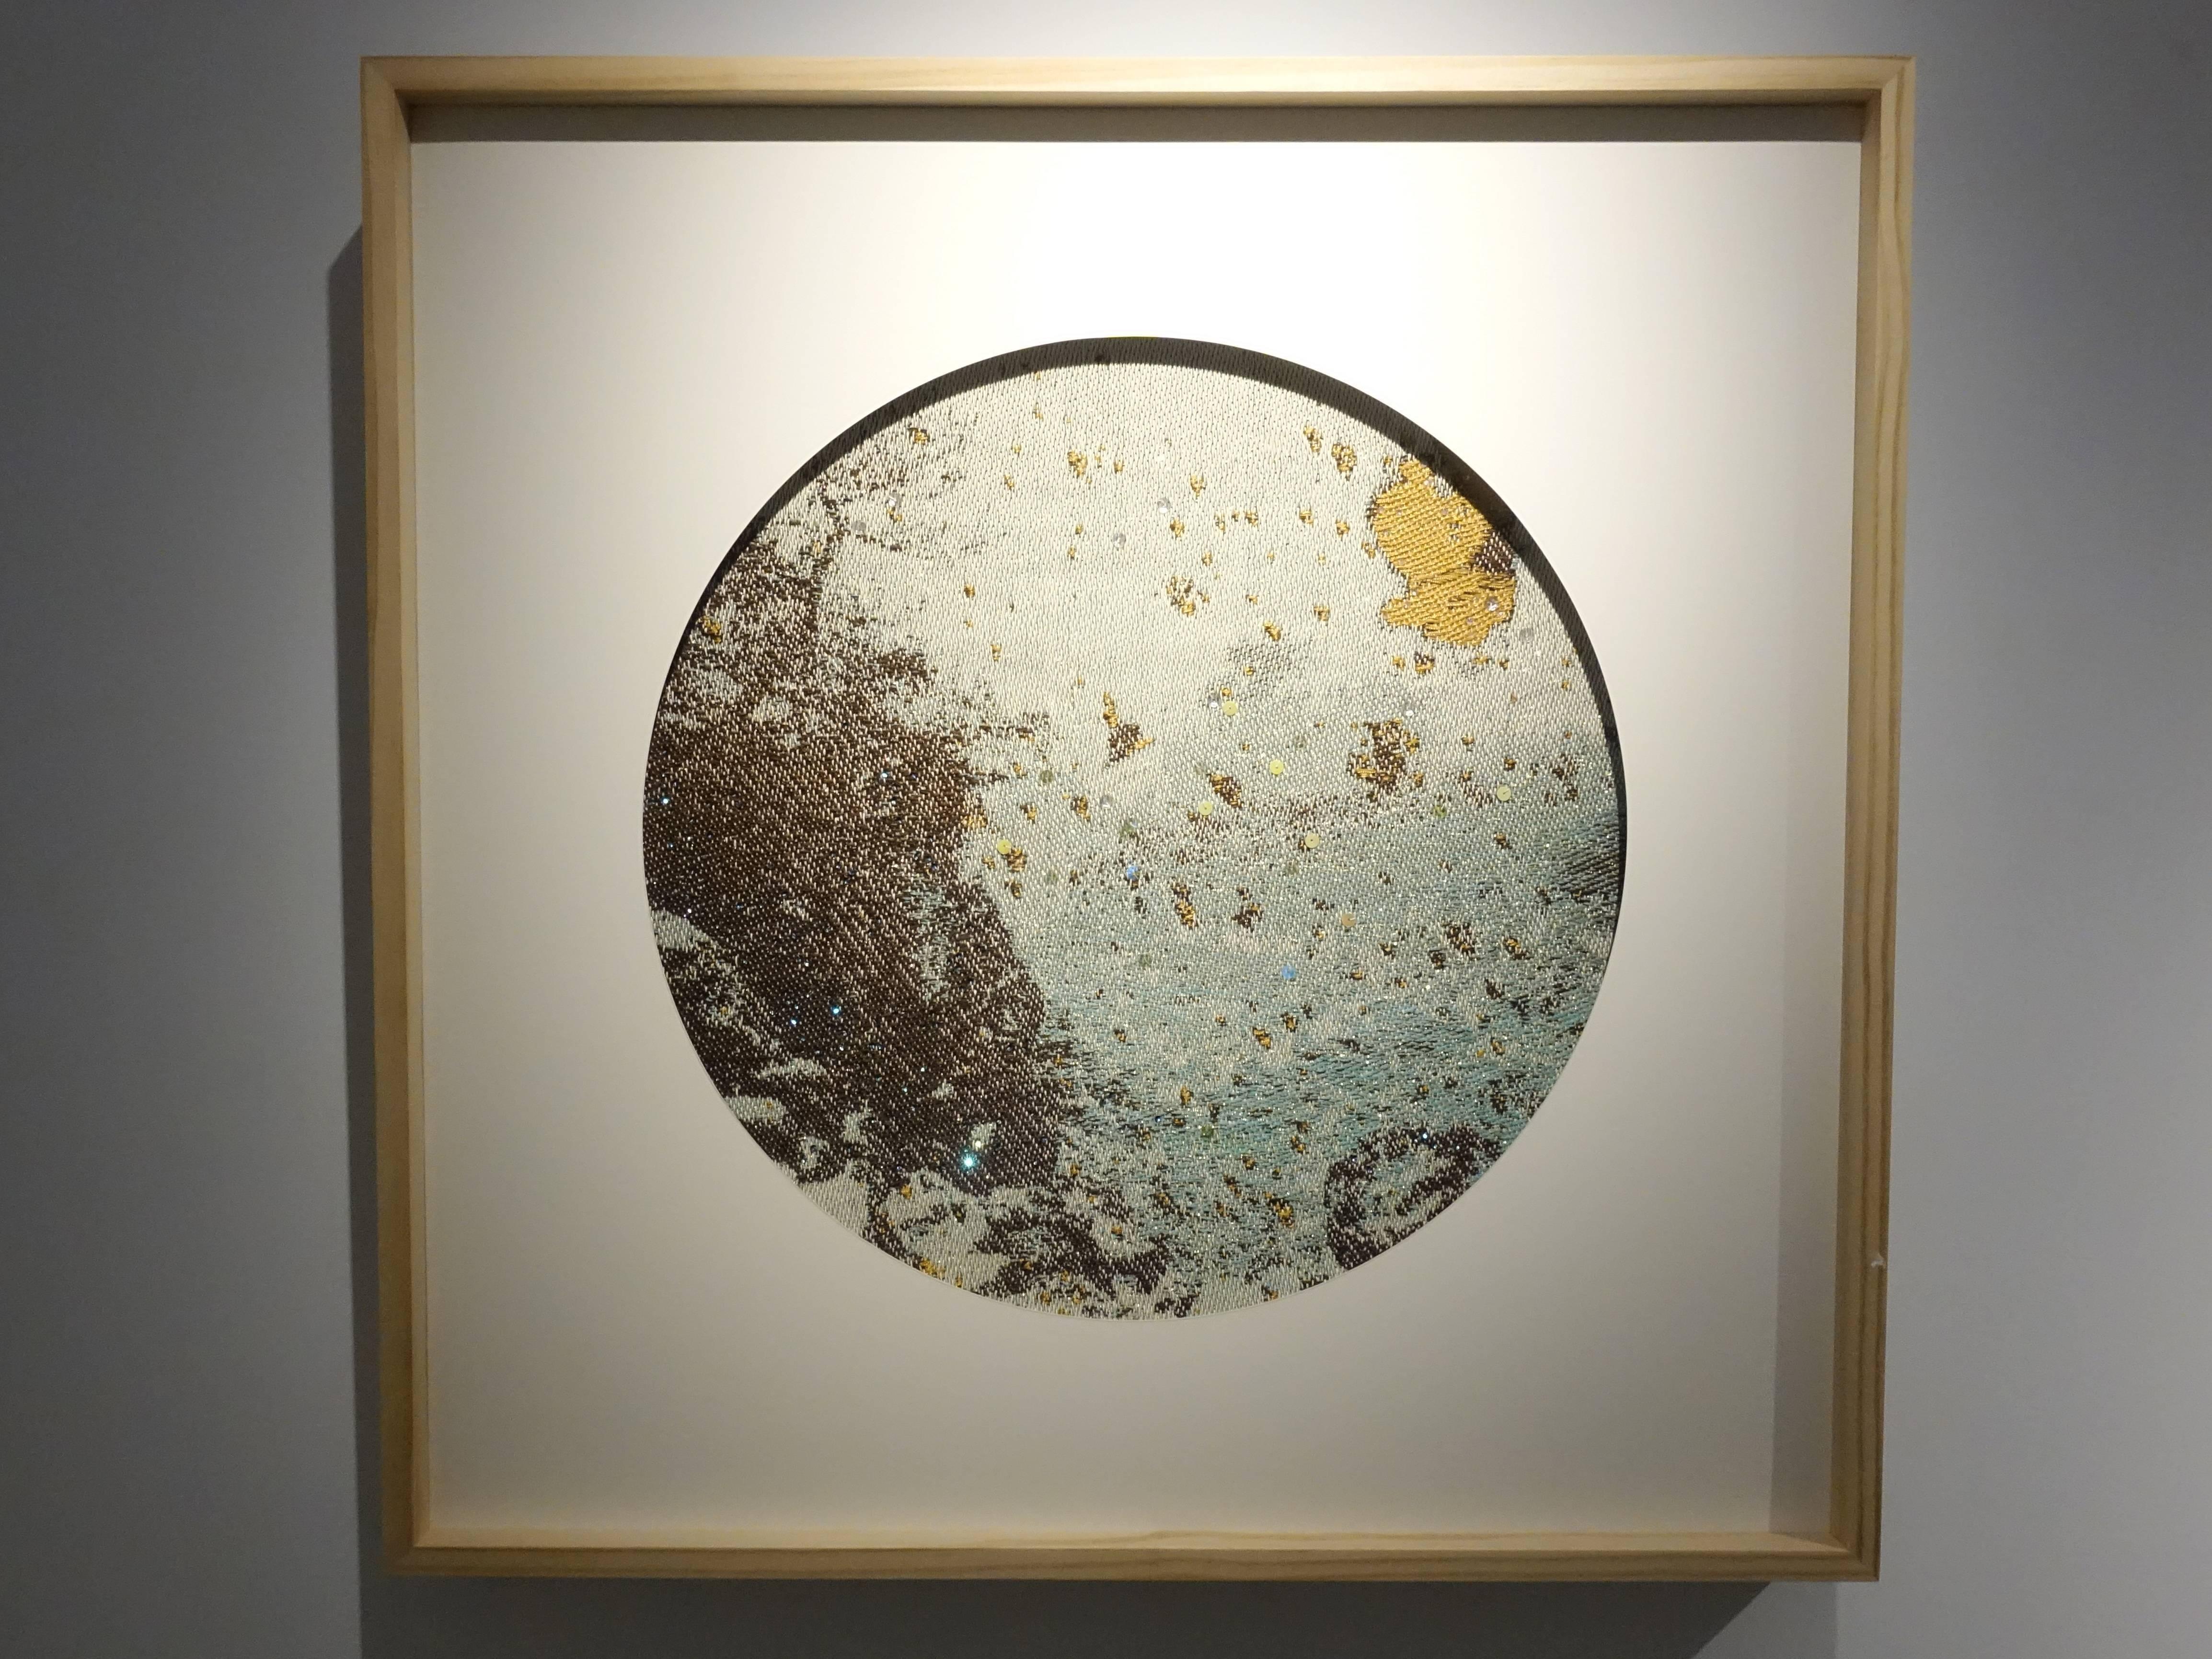 李偵綾,《解舞》,70 x 70 cm,棉、人造纖維、亮片,2017。